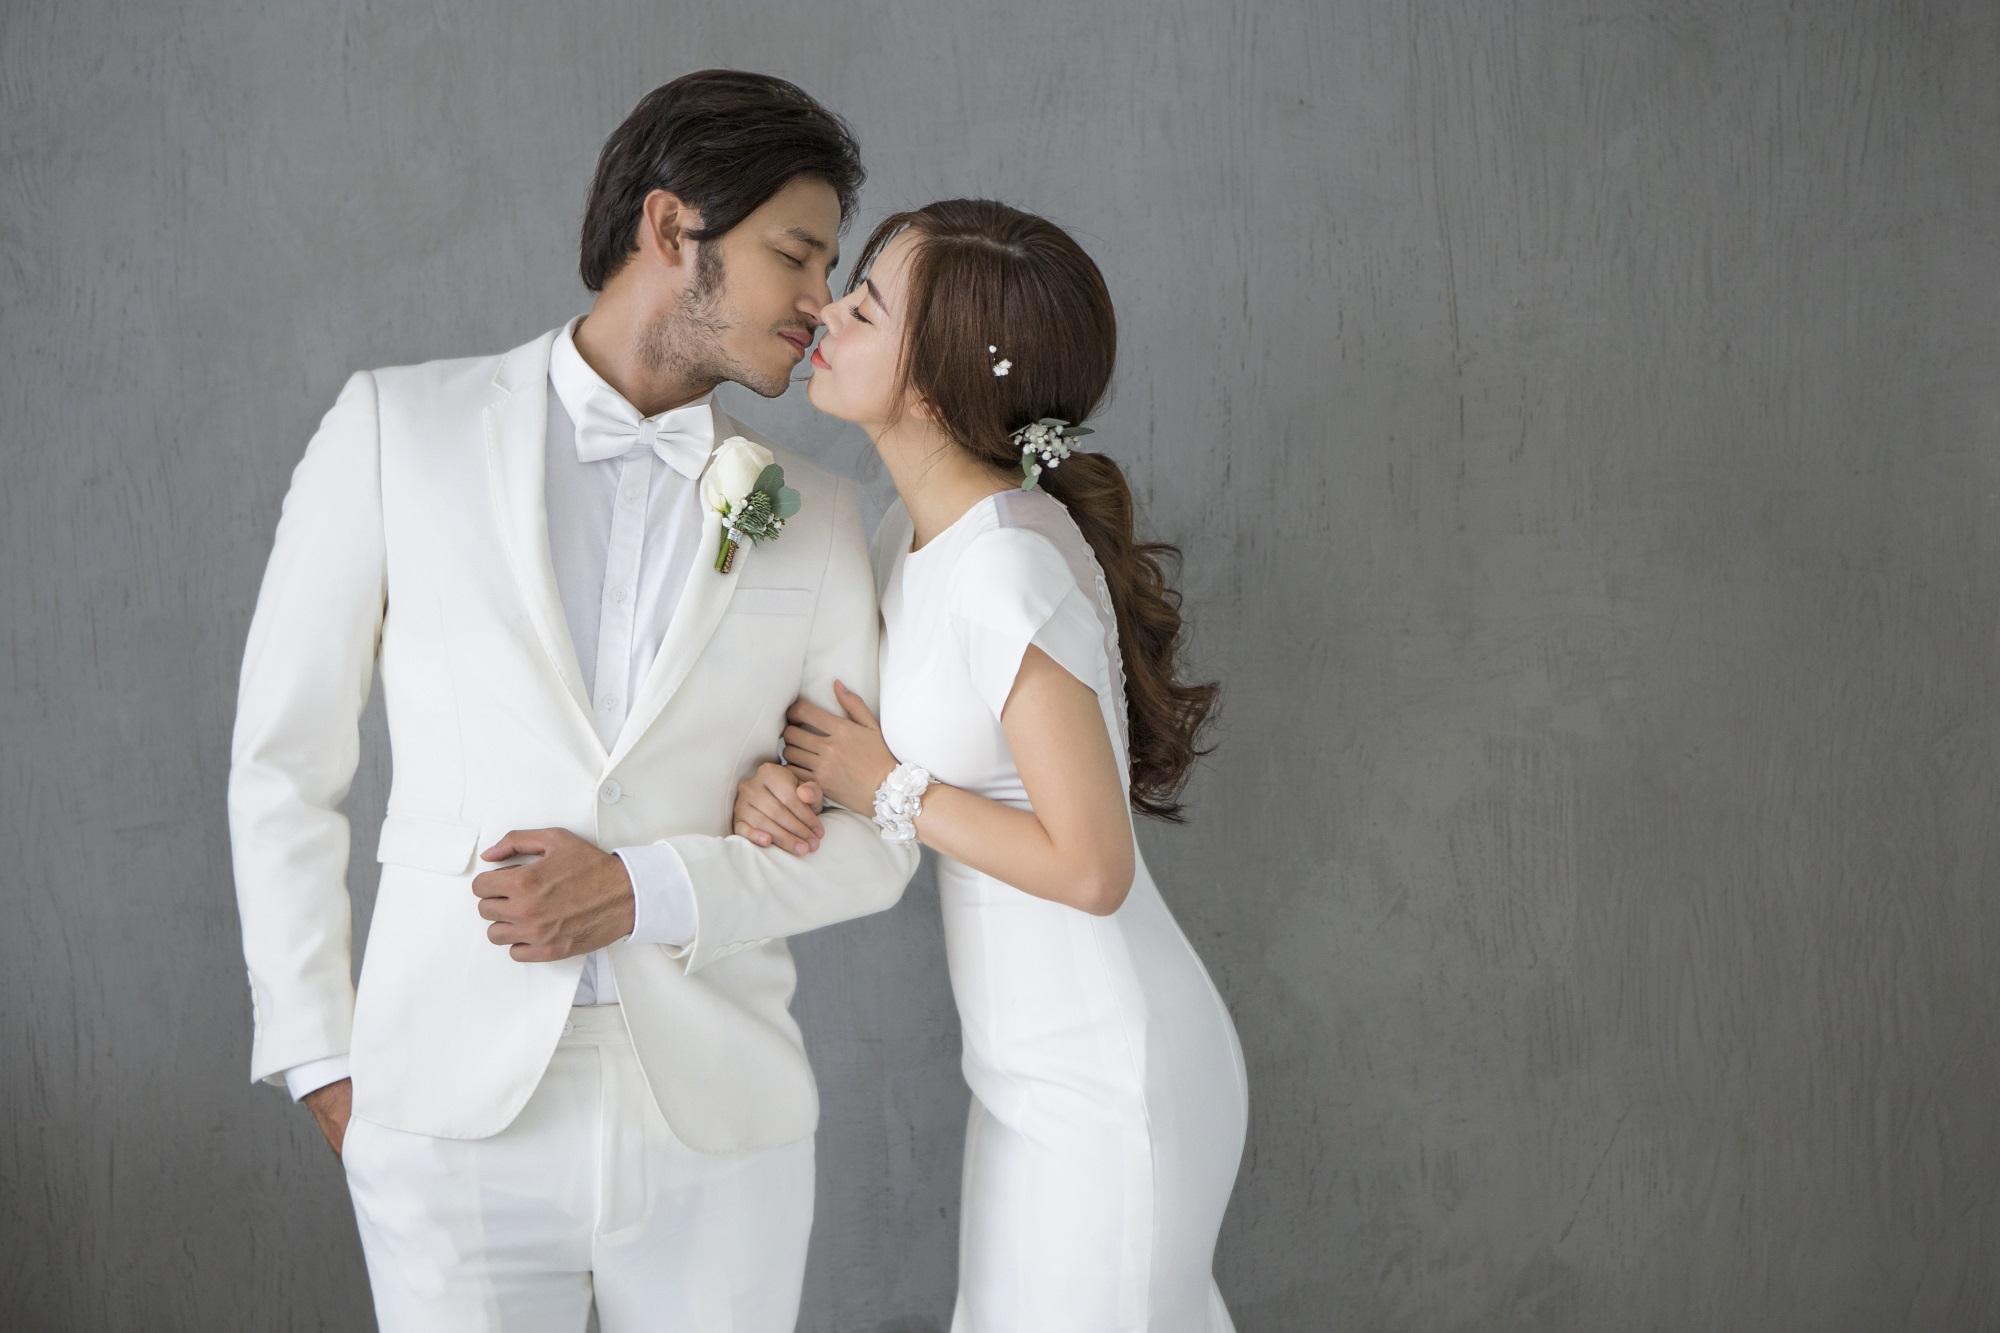 Diễn viên Gạo nếp gạo tẻ 'khoá môi' bạn trai ngọt ngào trong ảnh cưới - Ảnh 1